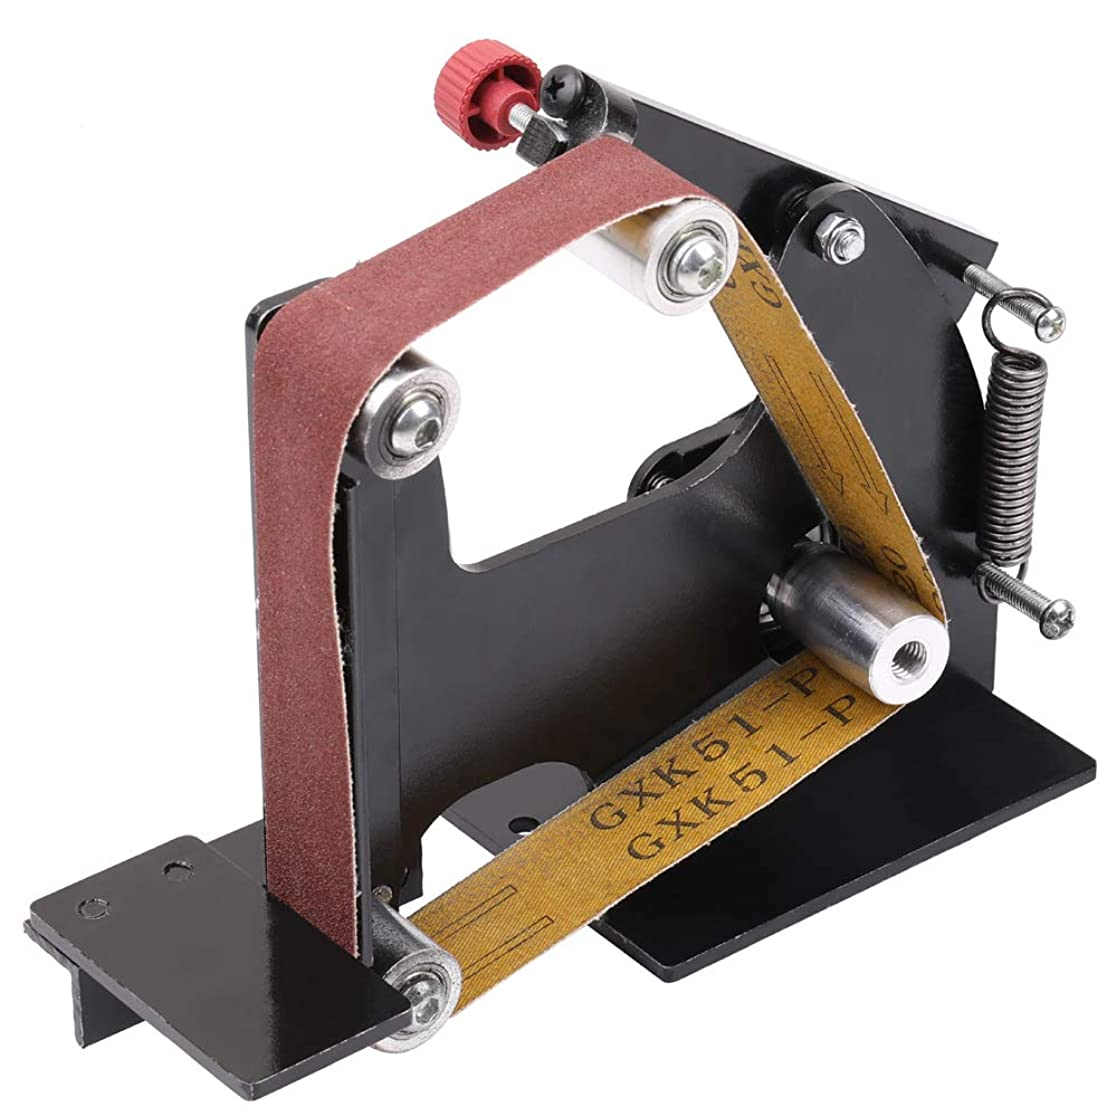 尋ねるケーブルカーながらKKmoon ベルトサンダー アダプター 鉄アングル グラインダー サンディングベルト アダプター サンディングマシン アクセサリー 研削盤 研磨機